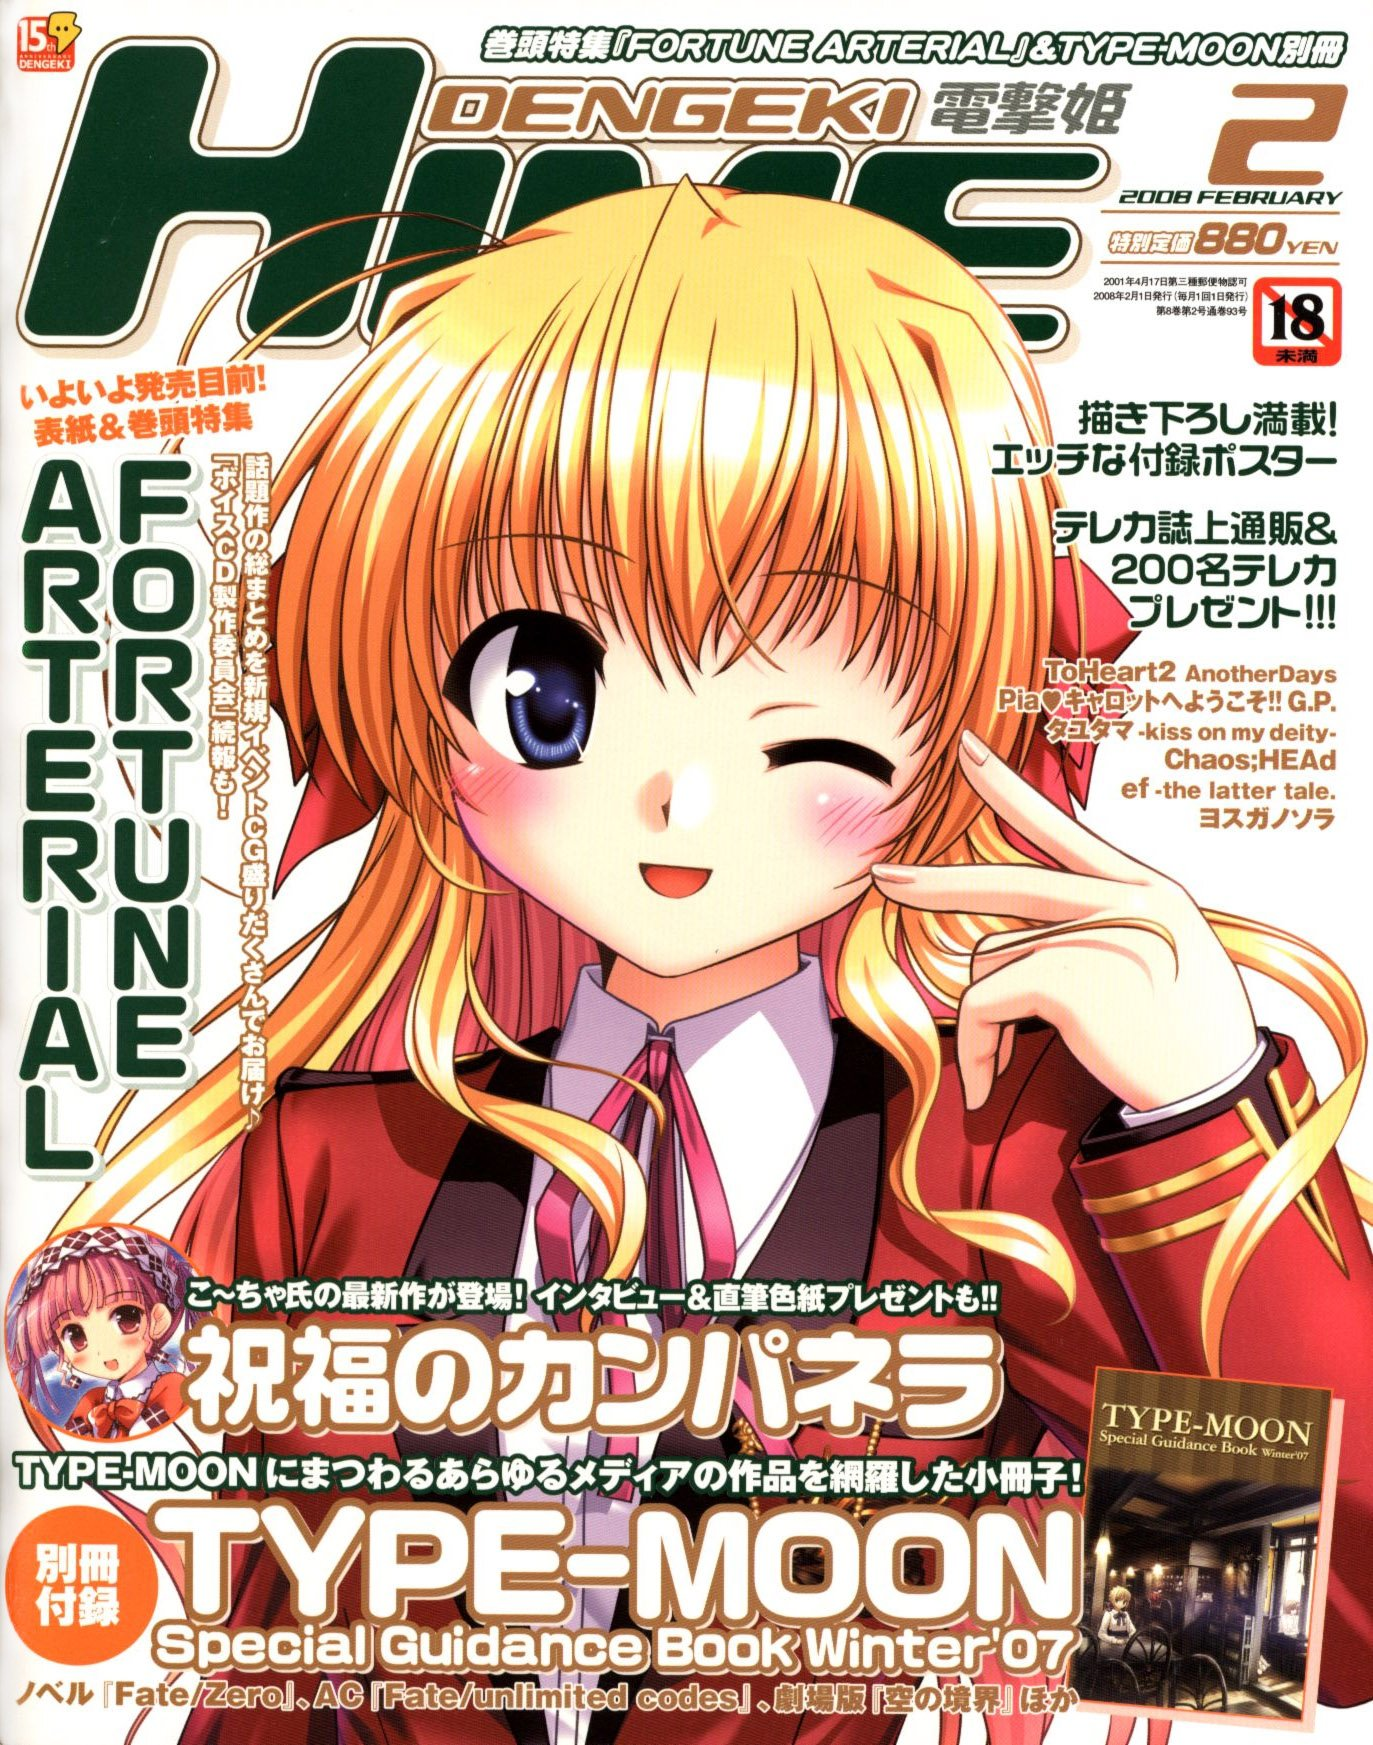 Dengeki Hime Issue 095 (February 2008)